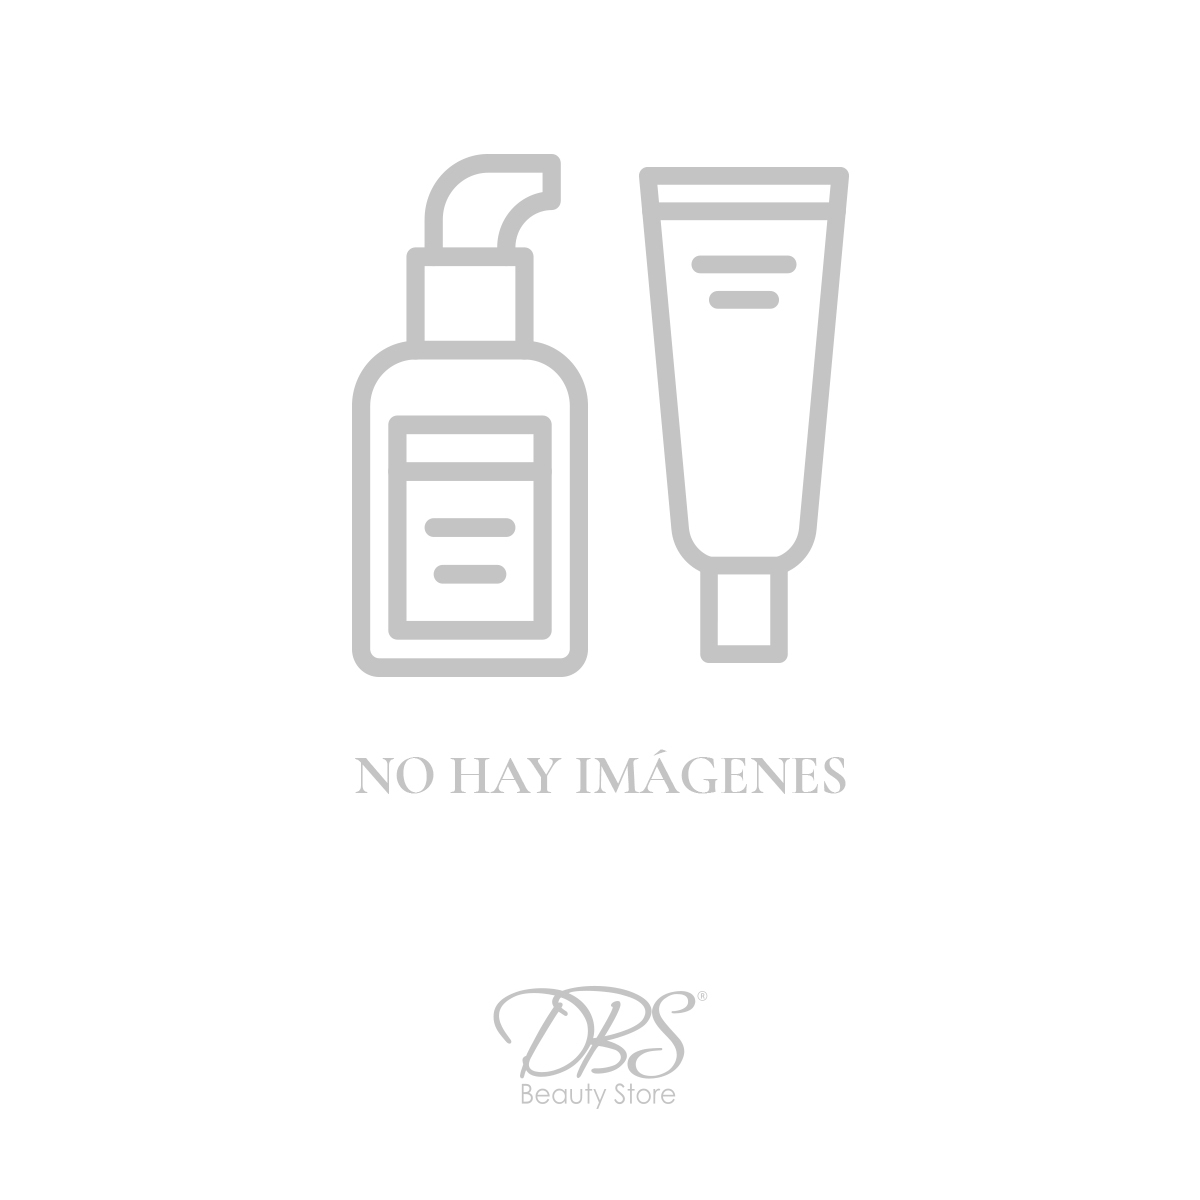 dbs-cosmetics-DBS-LI1065-MP.jpg